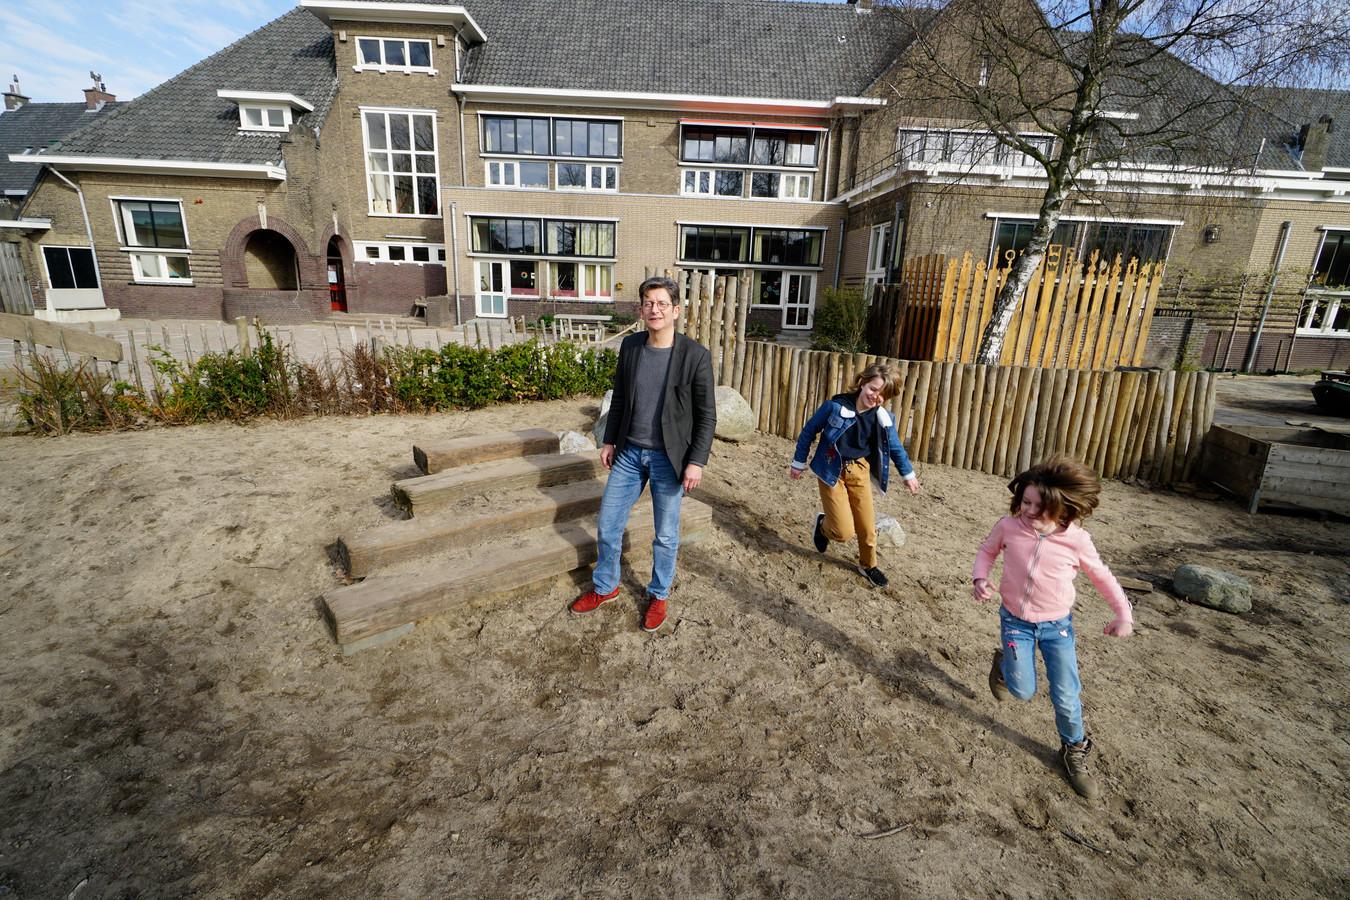 Harrie Gubbels, directeur van vrije school Meander in Nijmegen, voor de school aan de Celebesstraat.